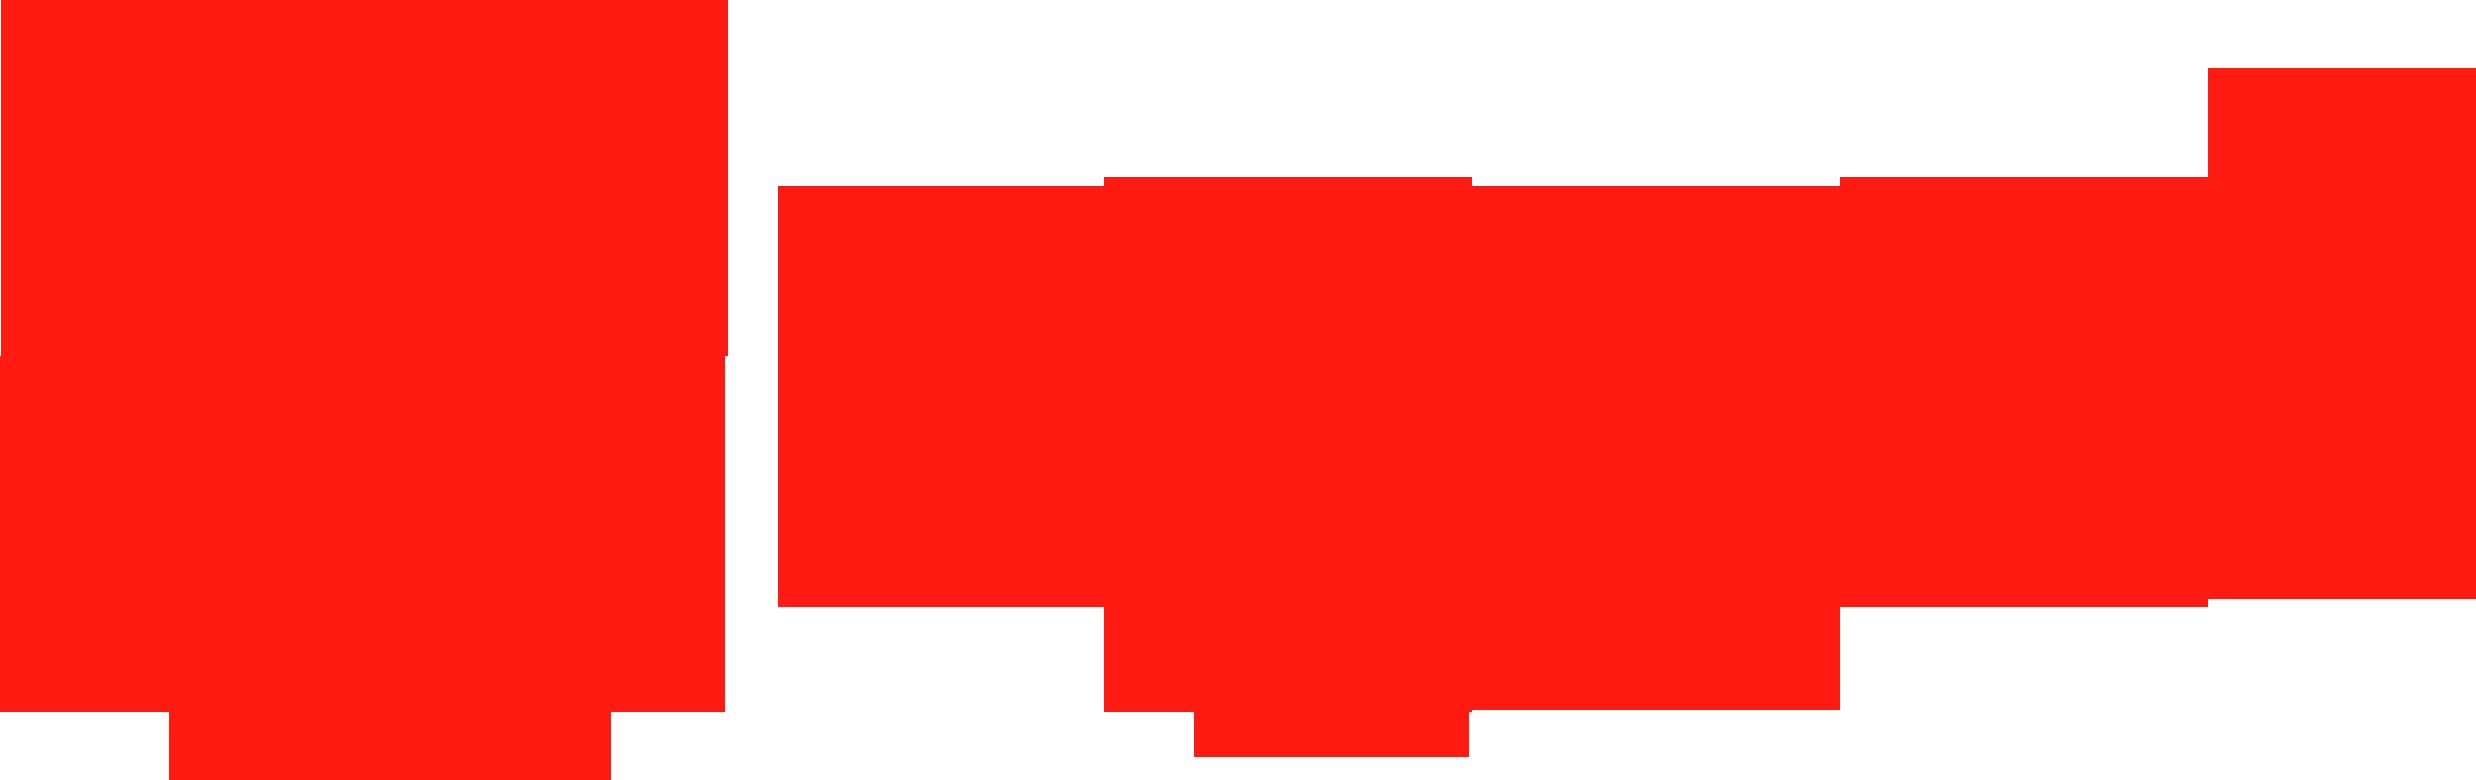 augustlogo